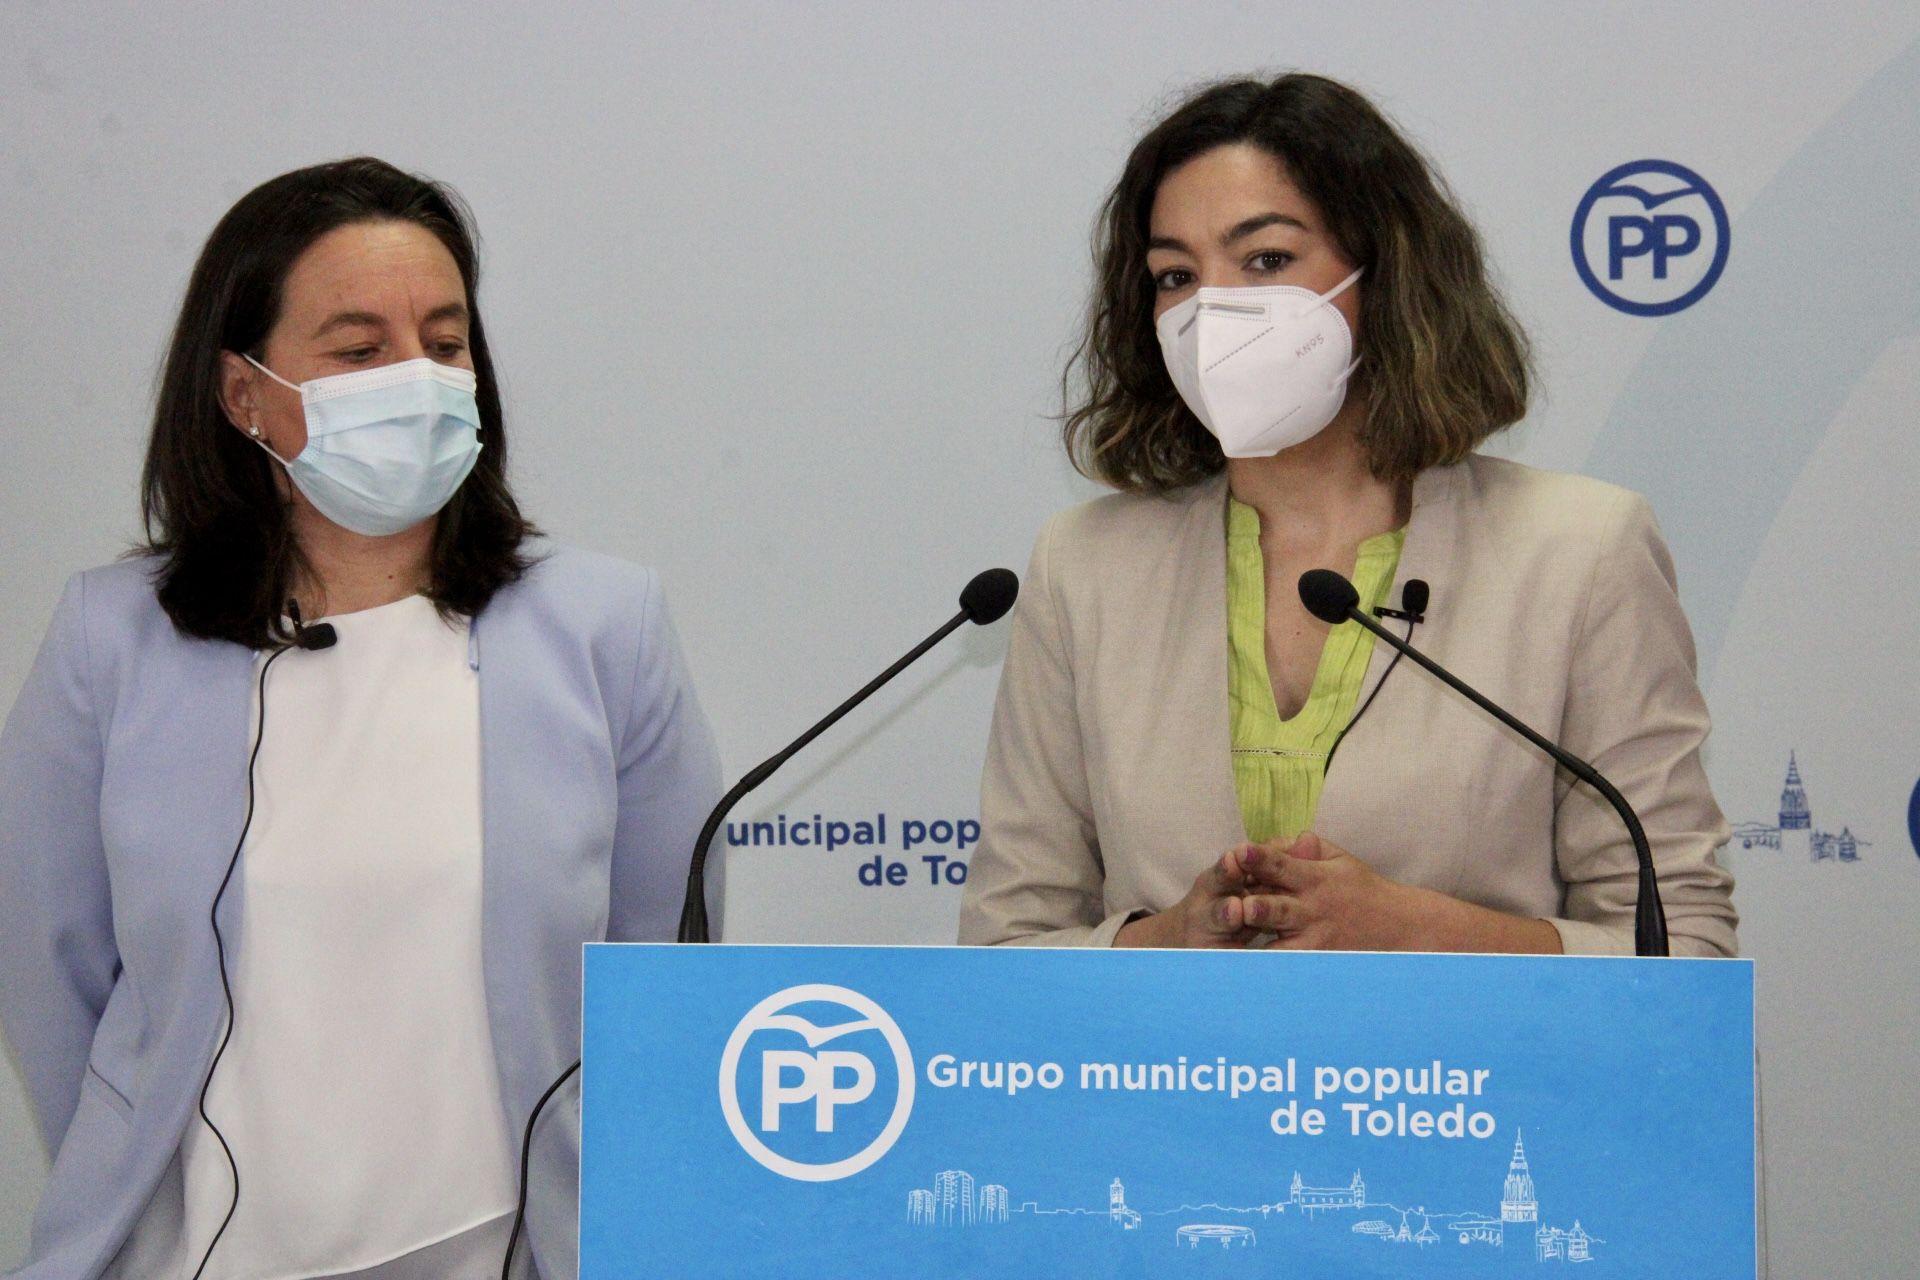 El PP propone suprimir por completo la tasa de terrazas y bajar el IBI, el ICIO, la basura y hasta cinco impuestos y tasas más para ayudar a los toledanos que peor lo están pasando